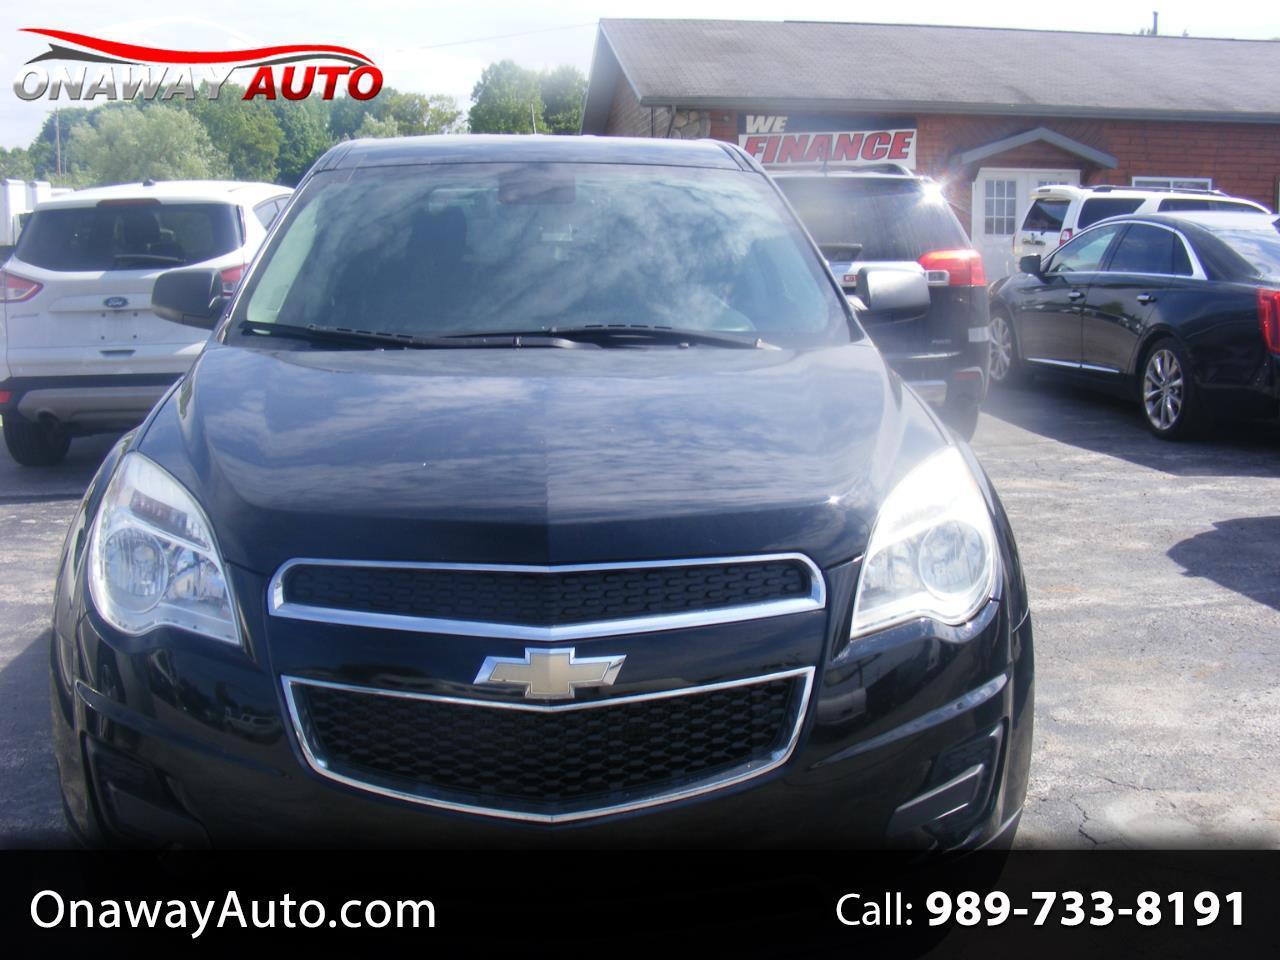 2013 Chevrolet Equinox FWD 4dr LS